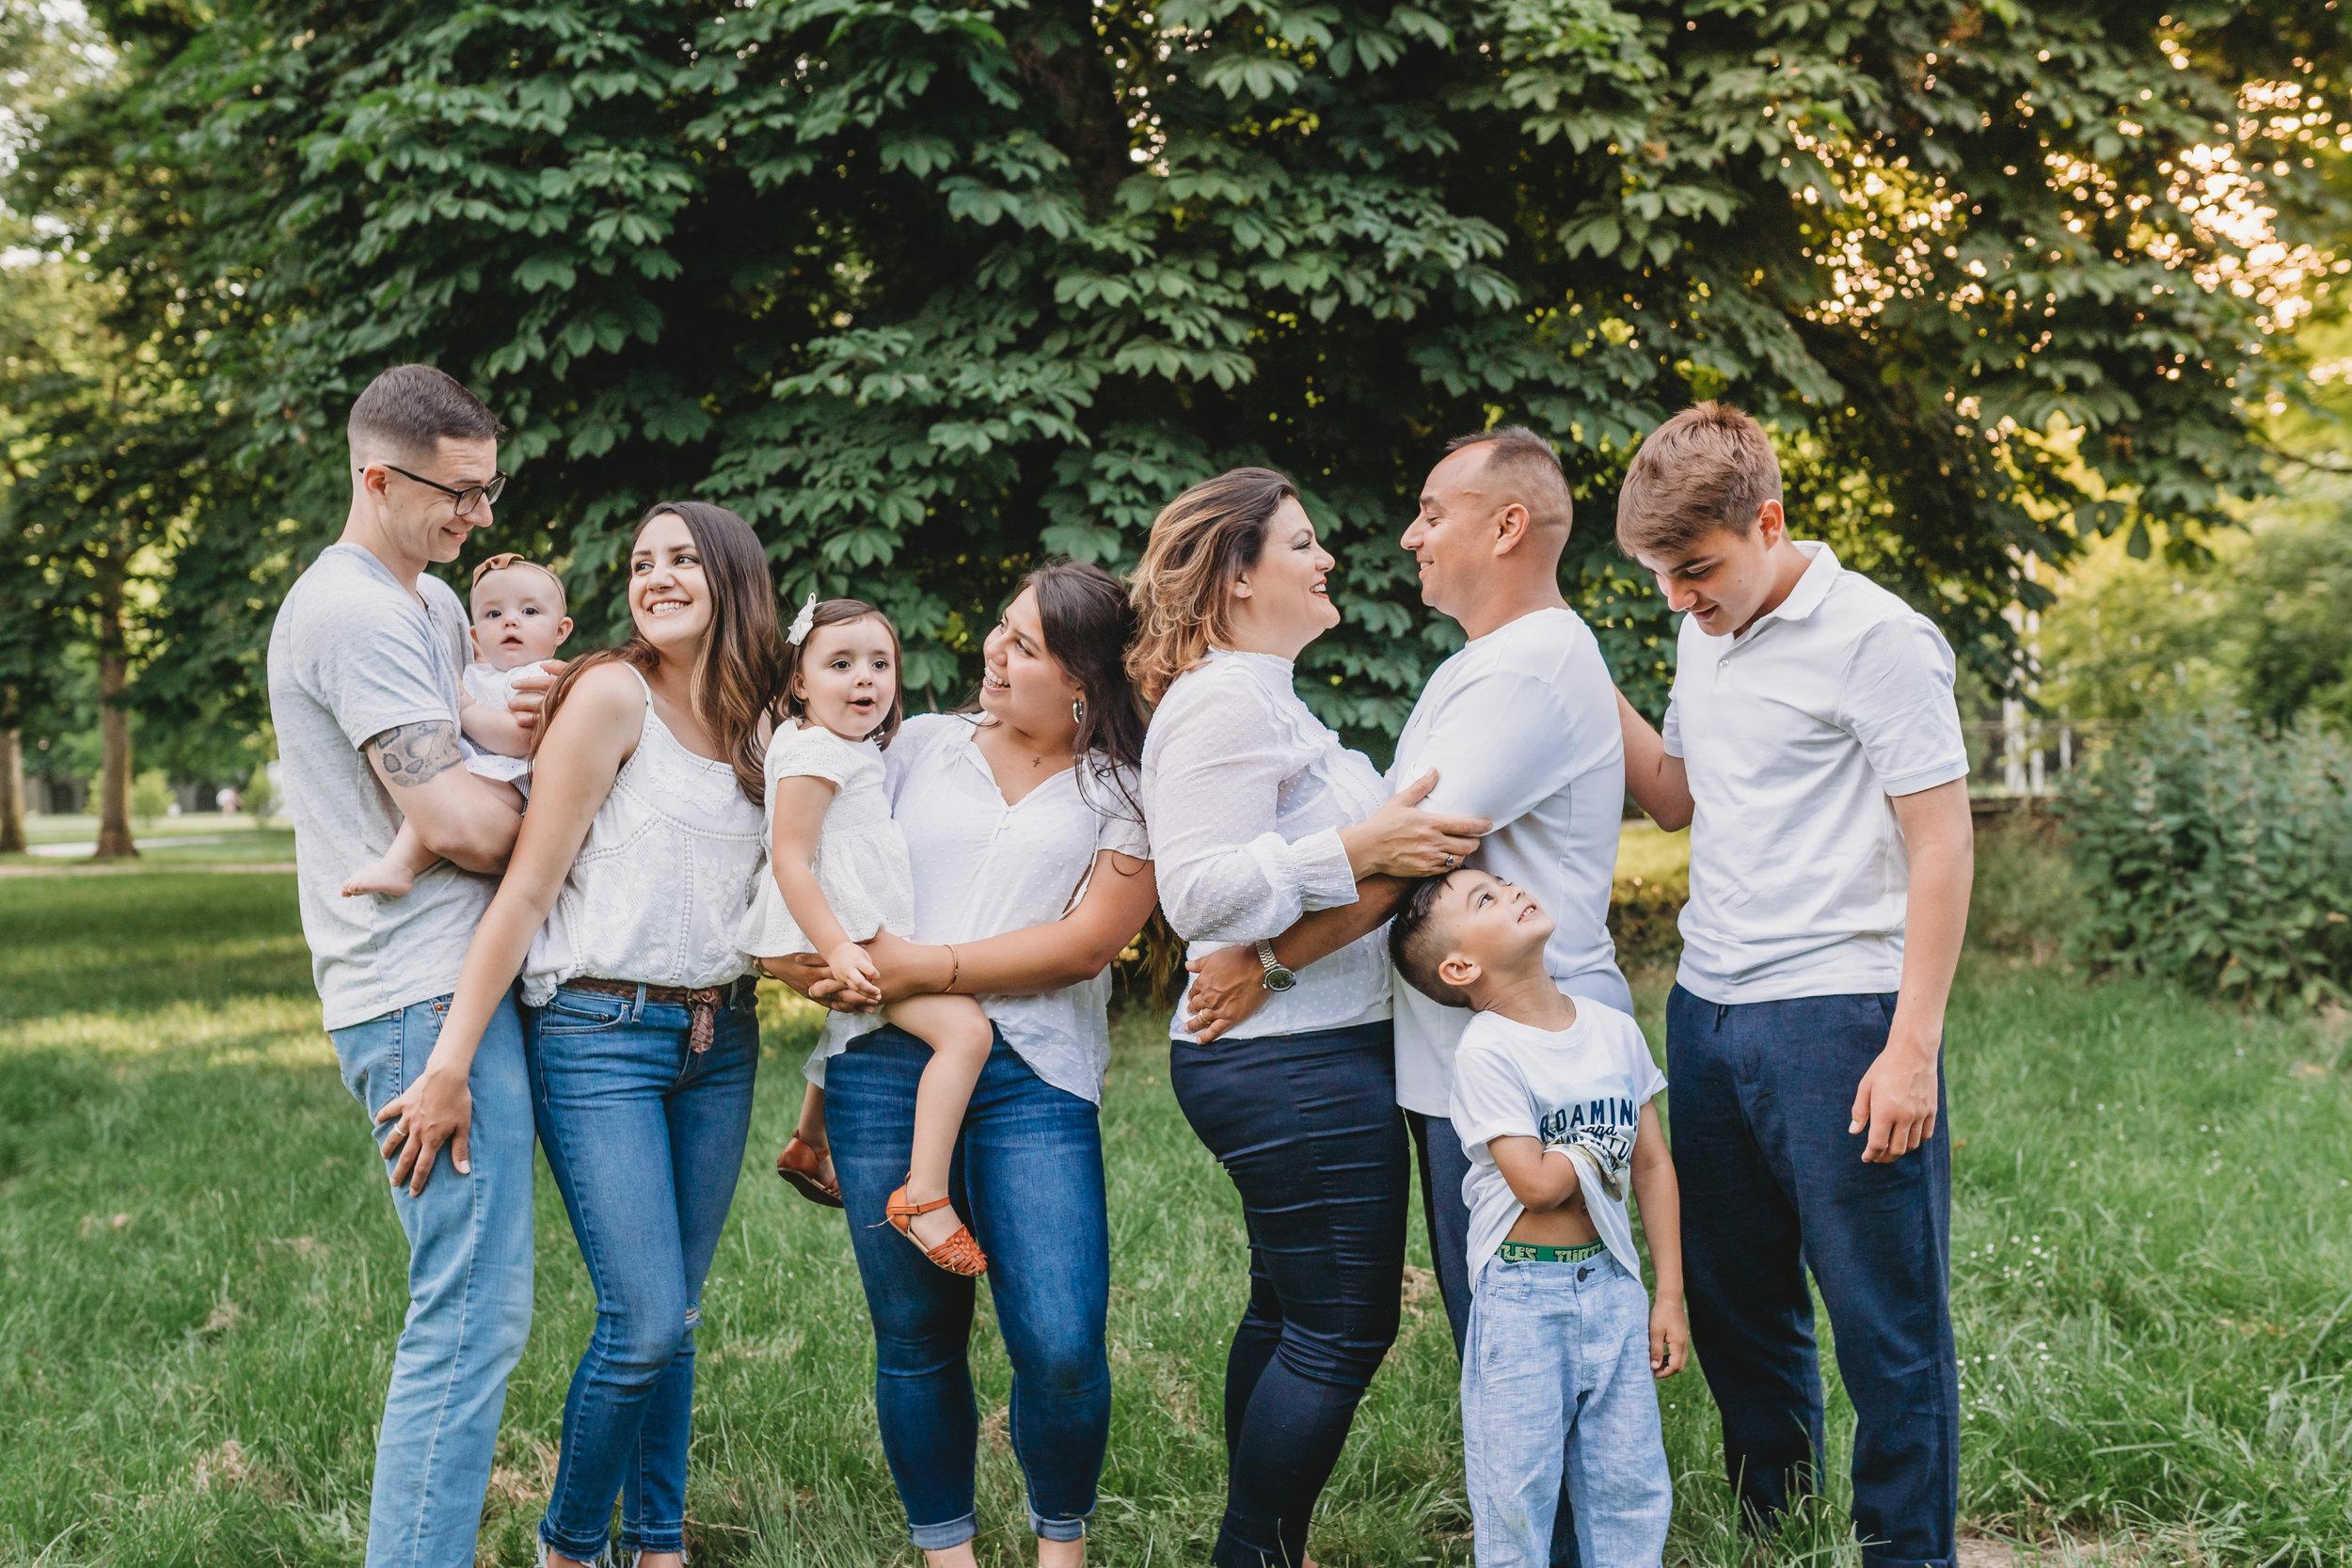 Moncivais Family